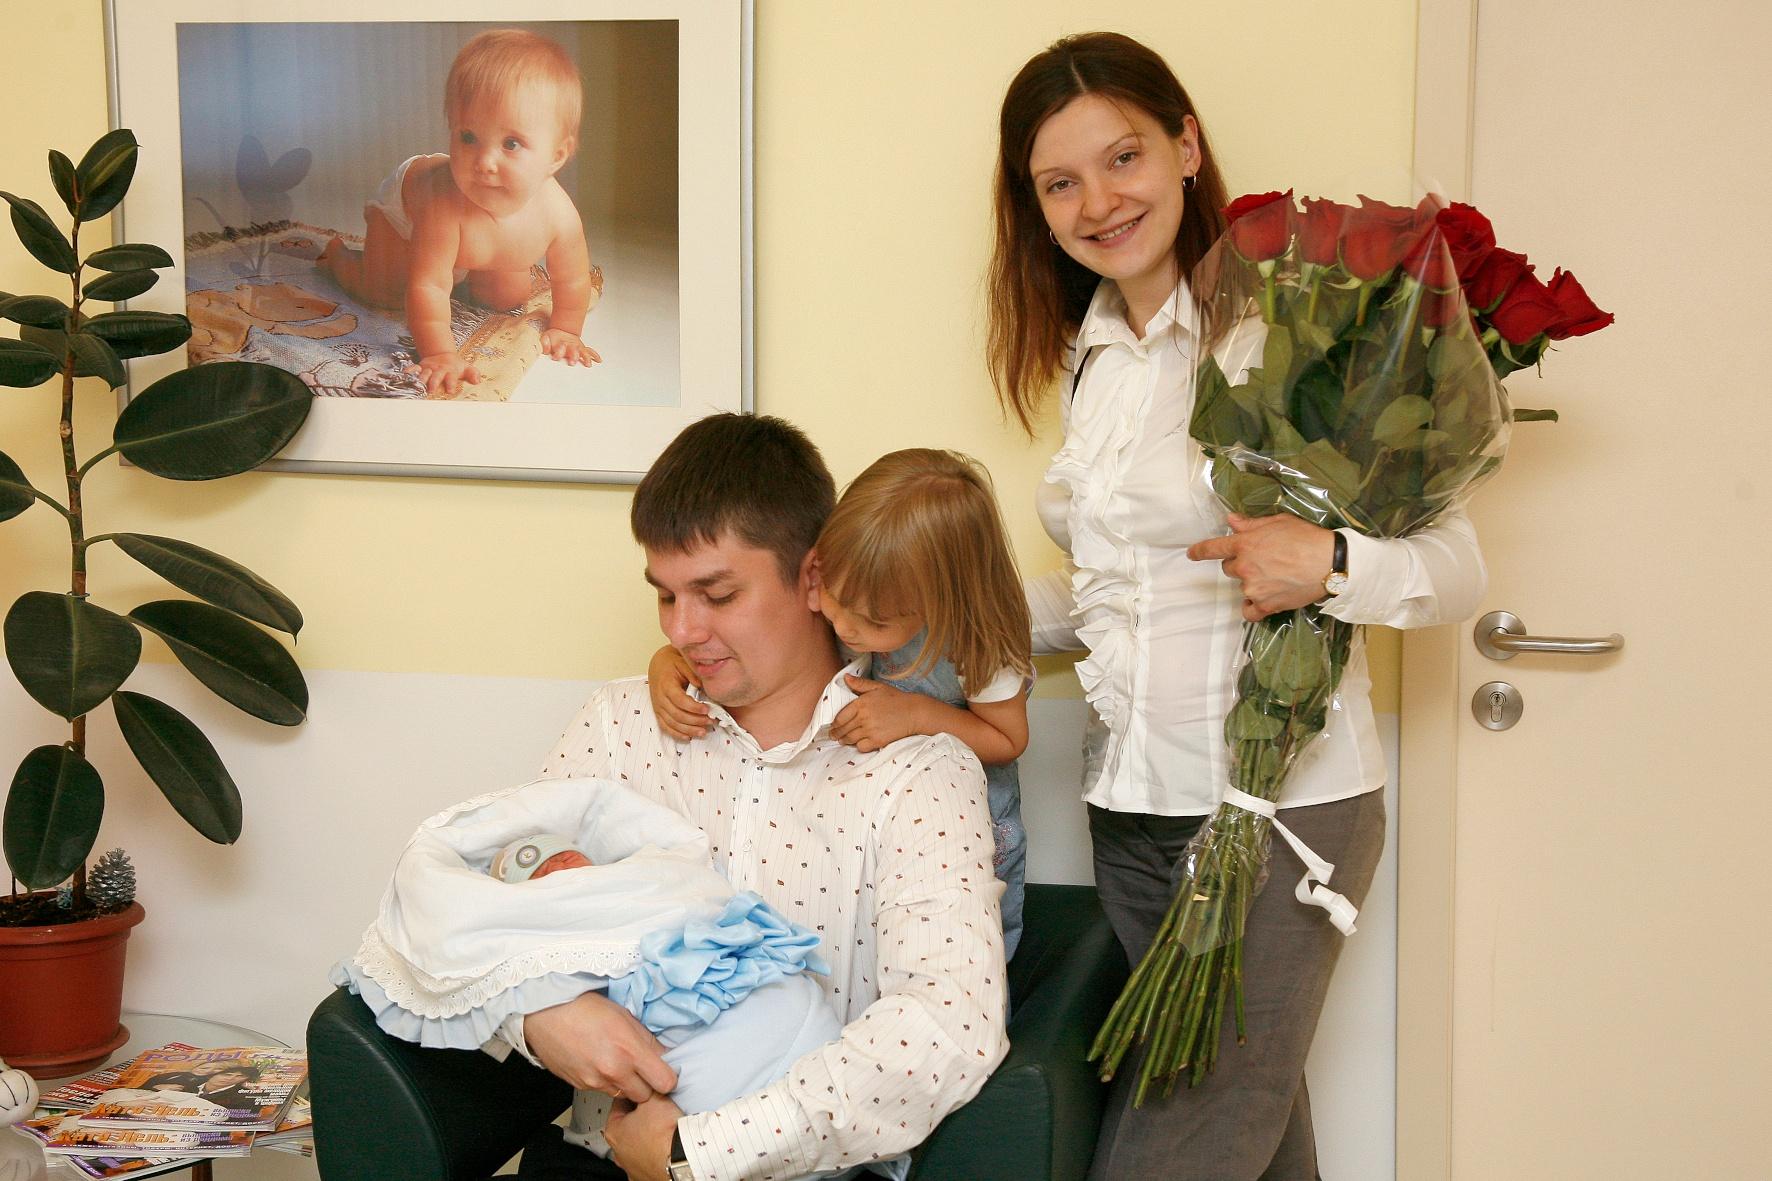 Новый малыш в счастливой семье. Мама, папа, я - счастливая семья!